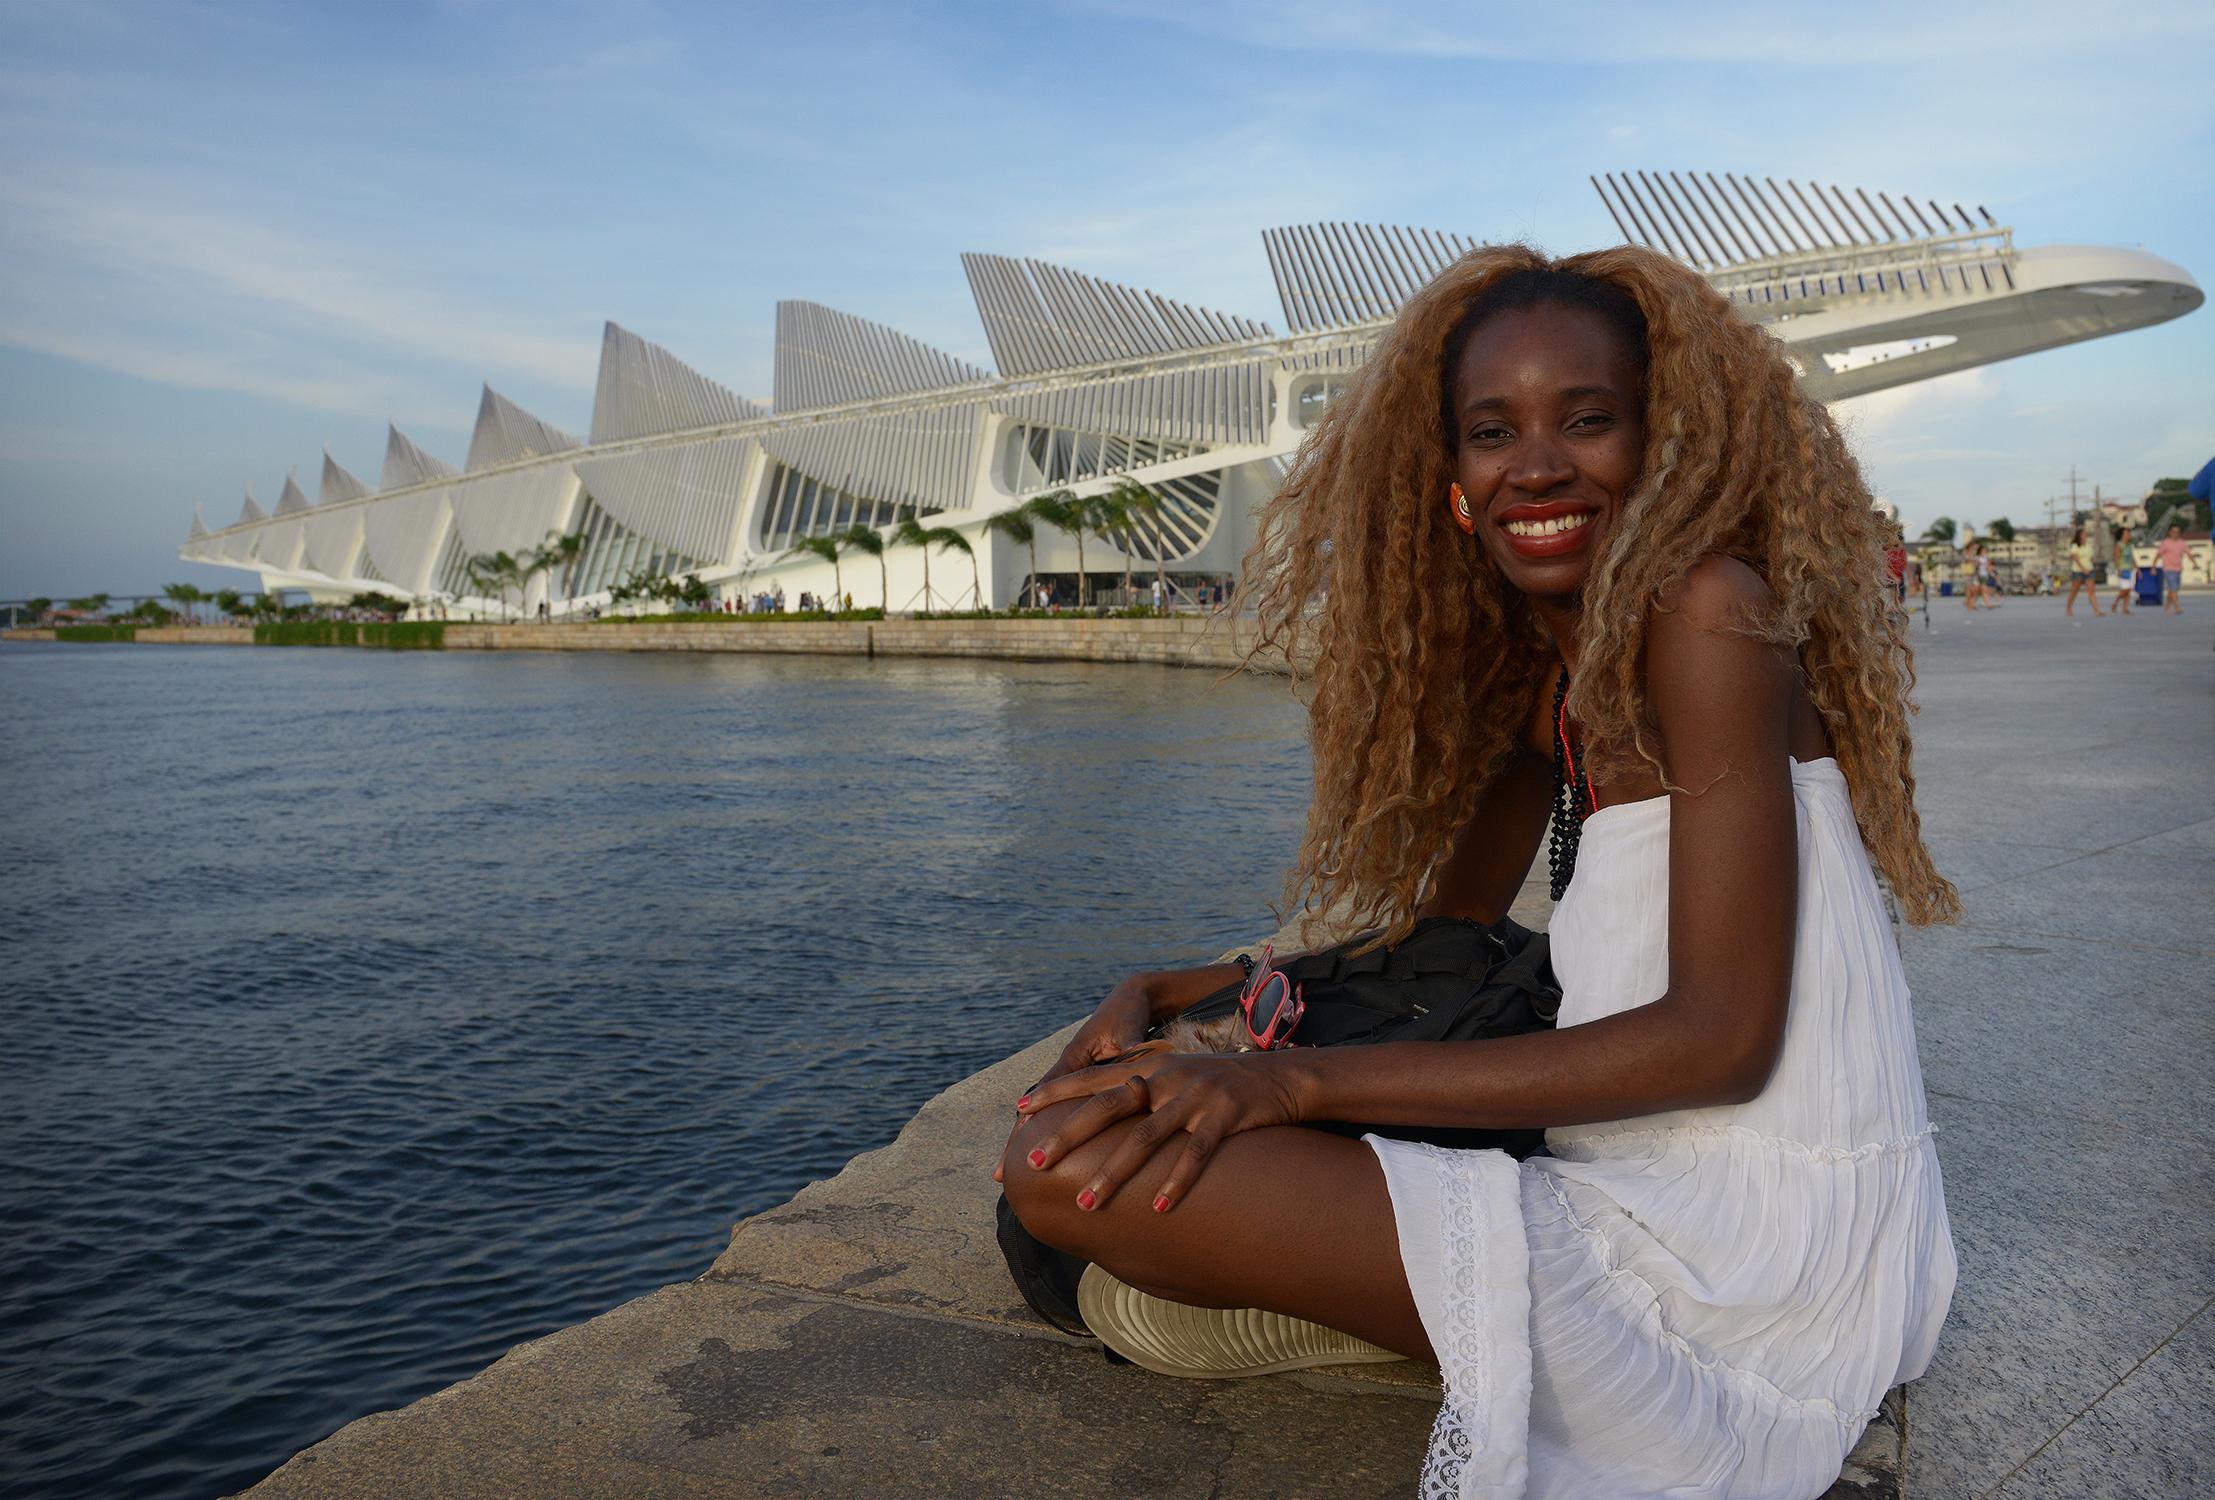 Brasilia, meri, nainen, matkablogi, rento, matka, Rio de Janeiro, museo, matkustaa